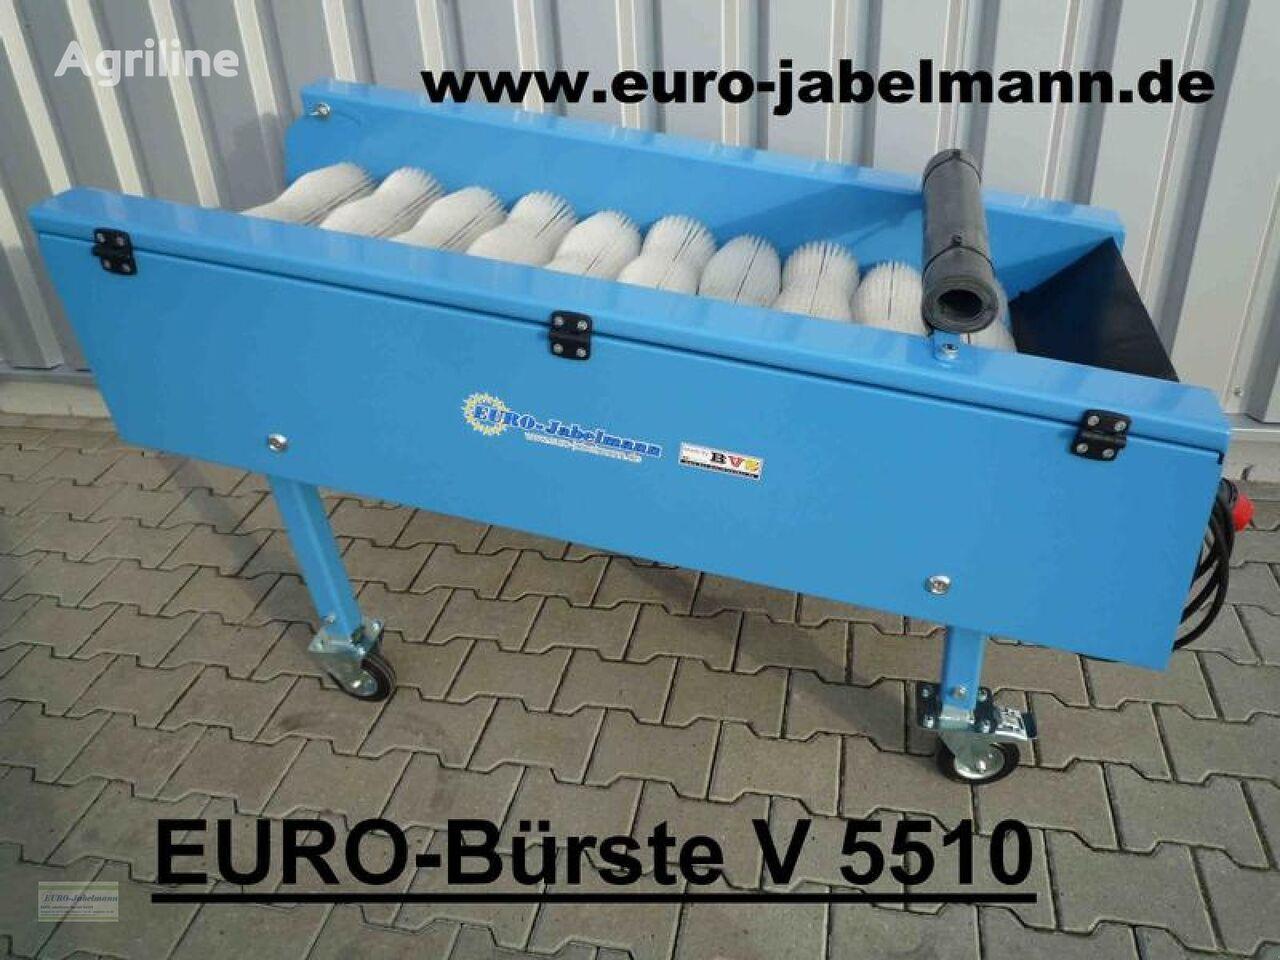 nieuw EURO-Jabelmann 550 - 2200 mm breit, eigene Herstellung (Made in Germany) groentewasmachine